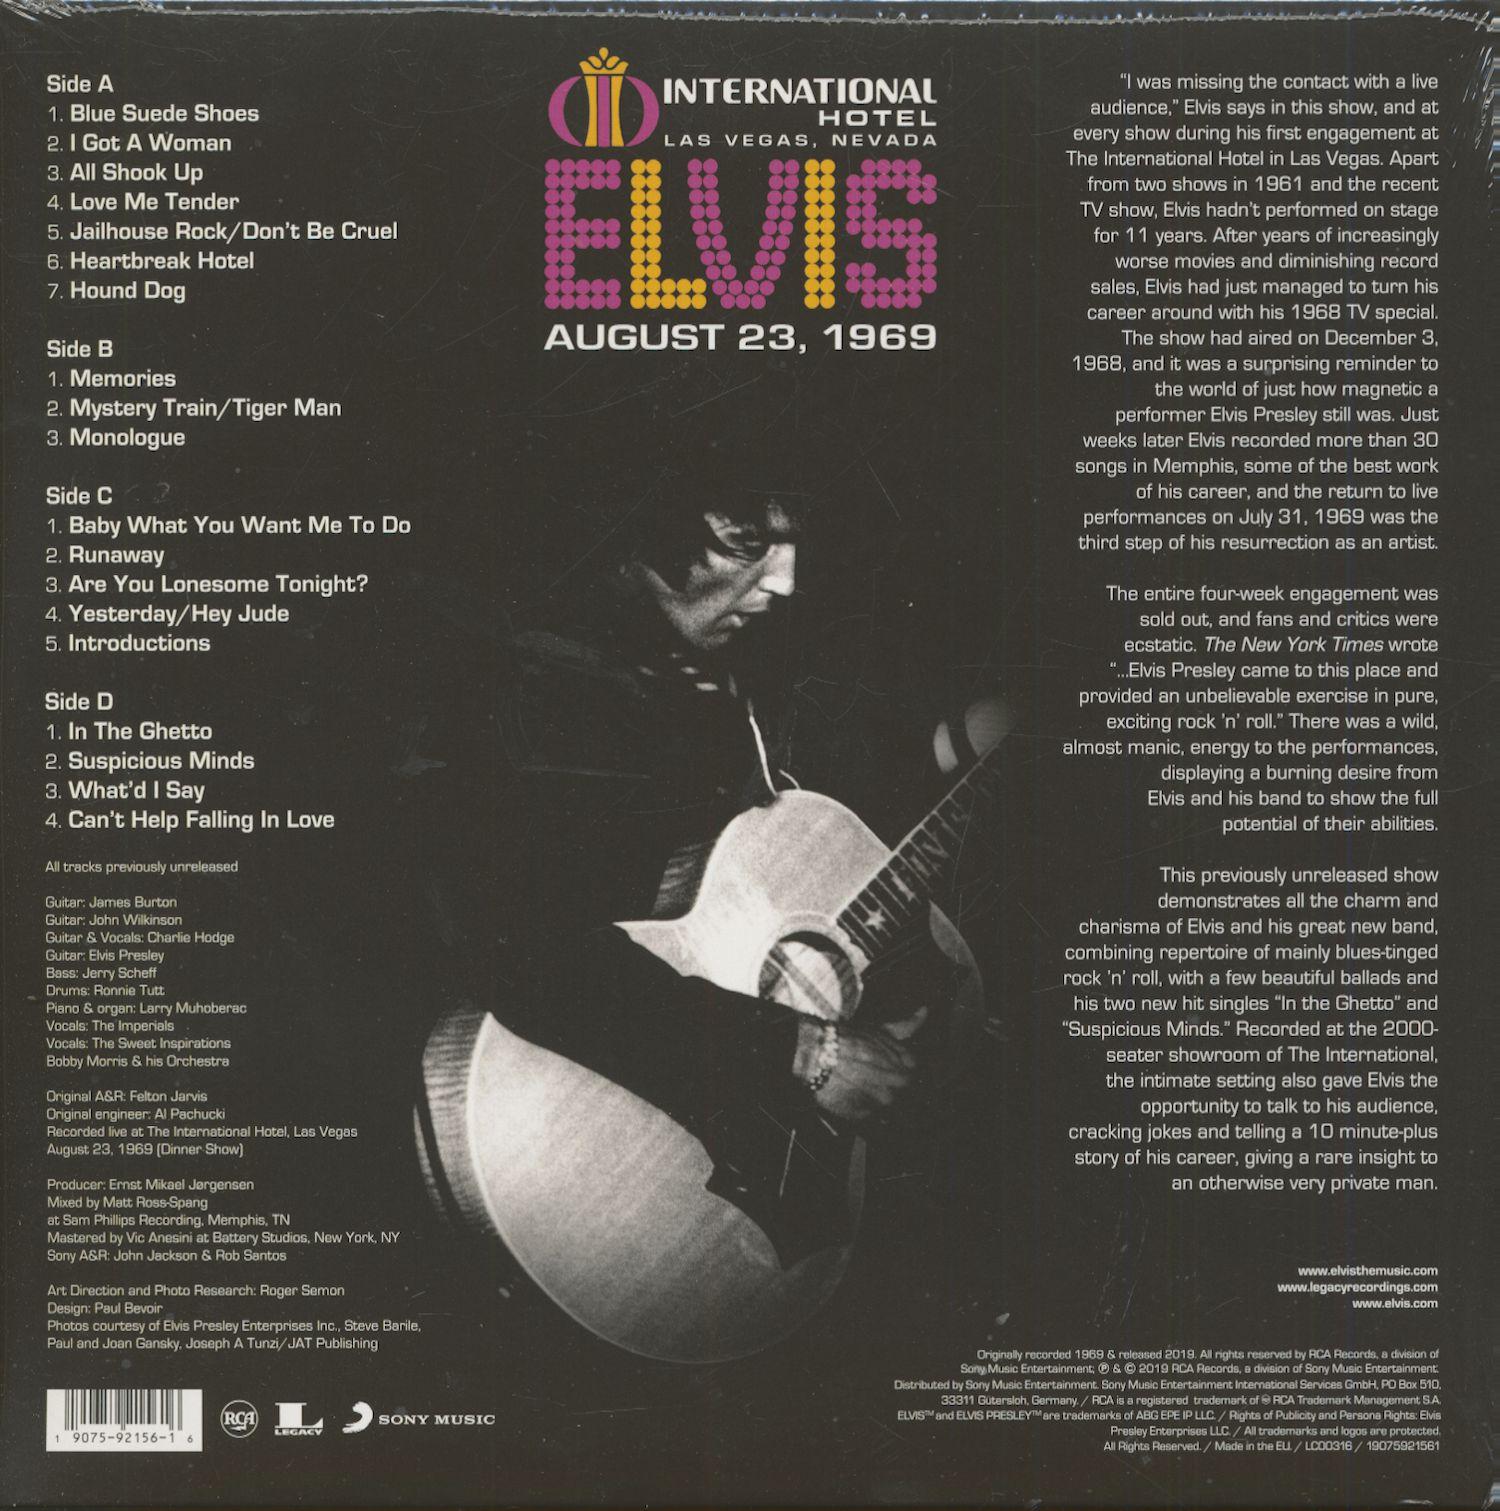 Elvis Presley Cd The International Hotel Las Vegas